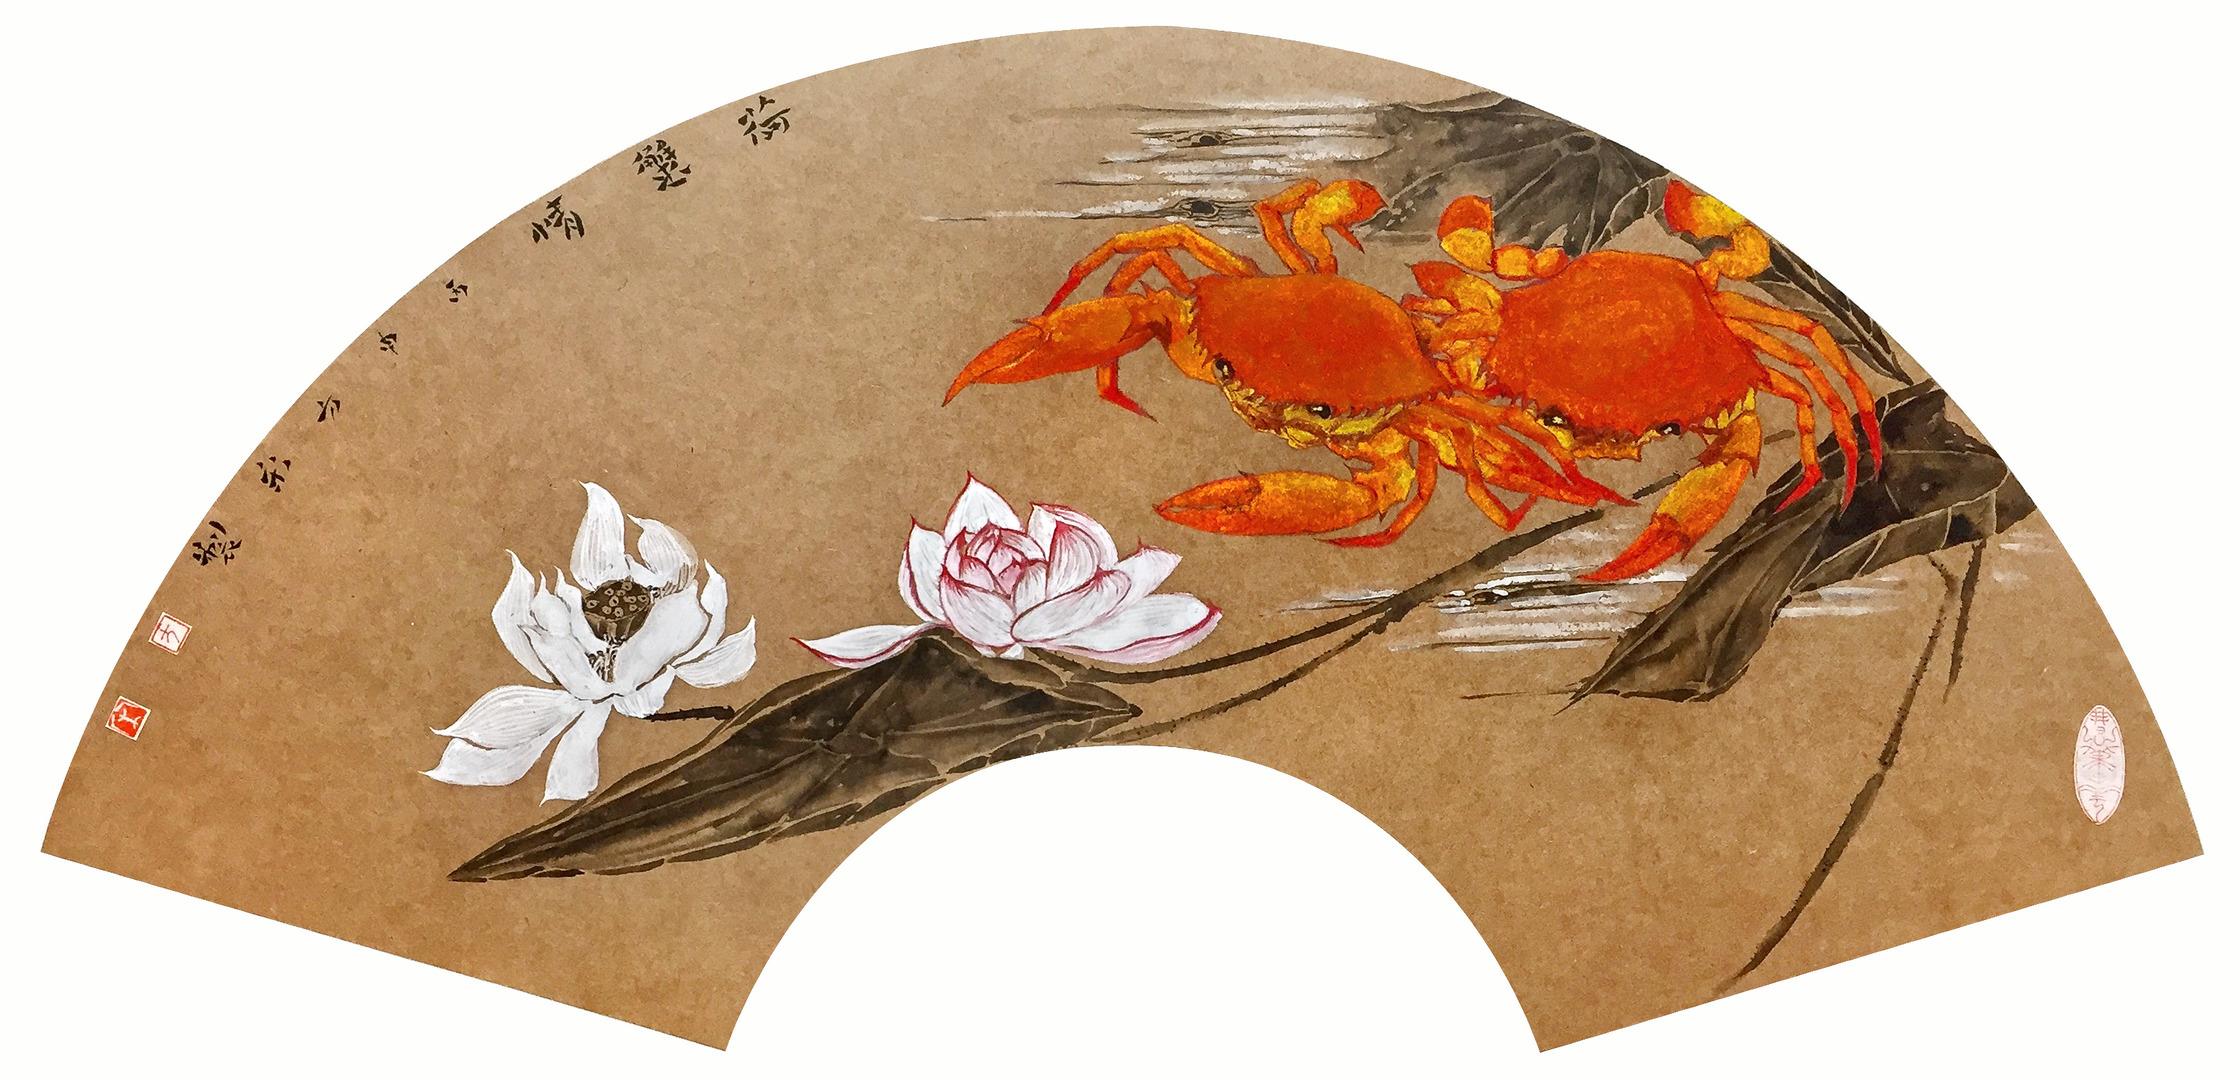 《荷蟹情》25x60cm 岩彩纸本设色 扇面 2016年